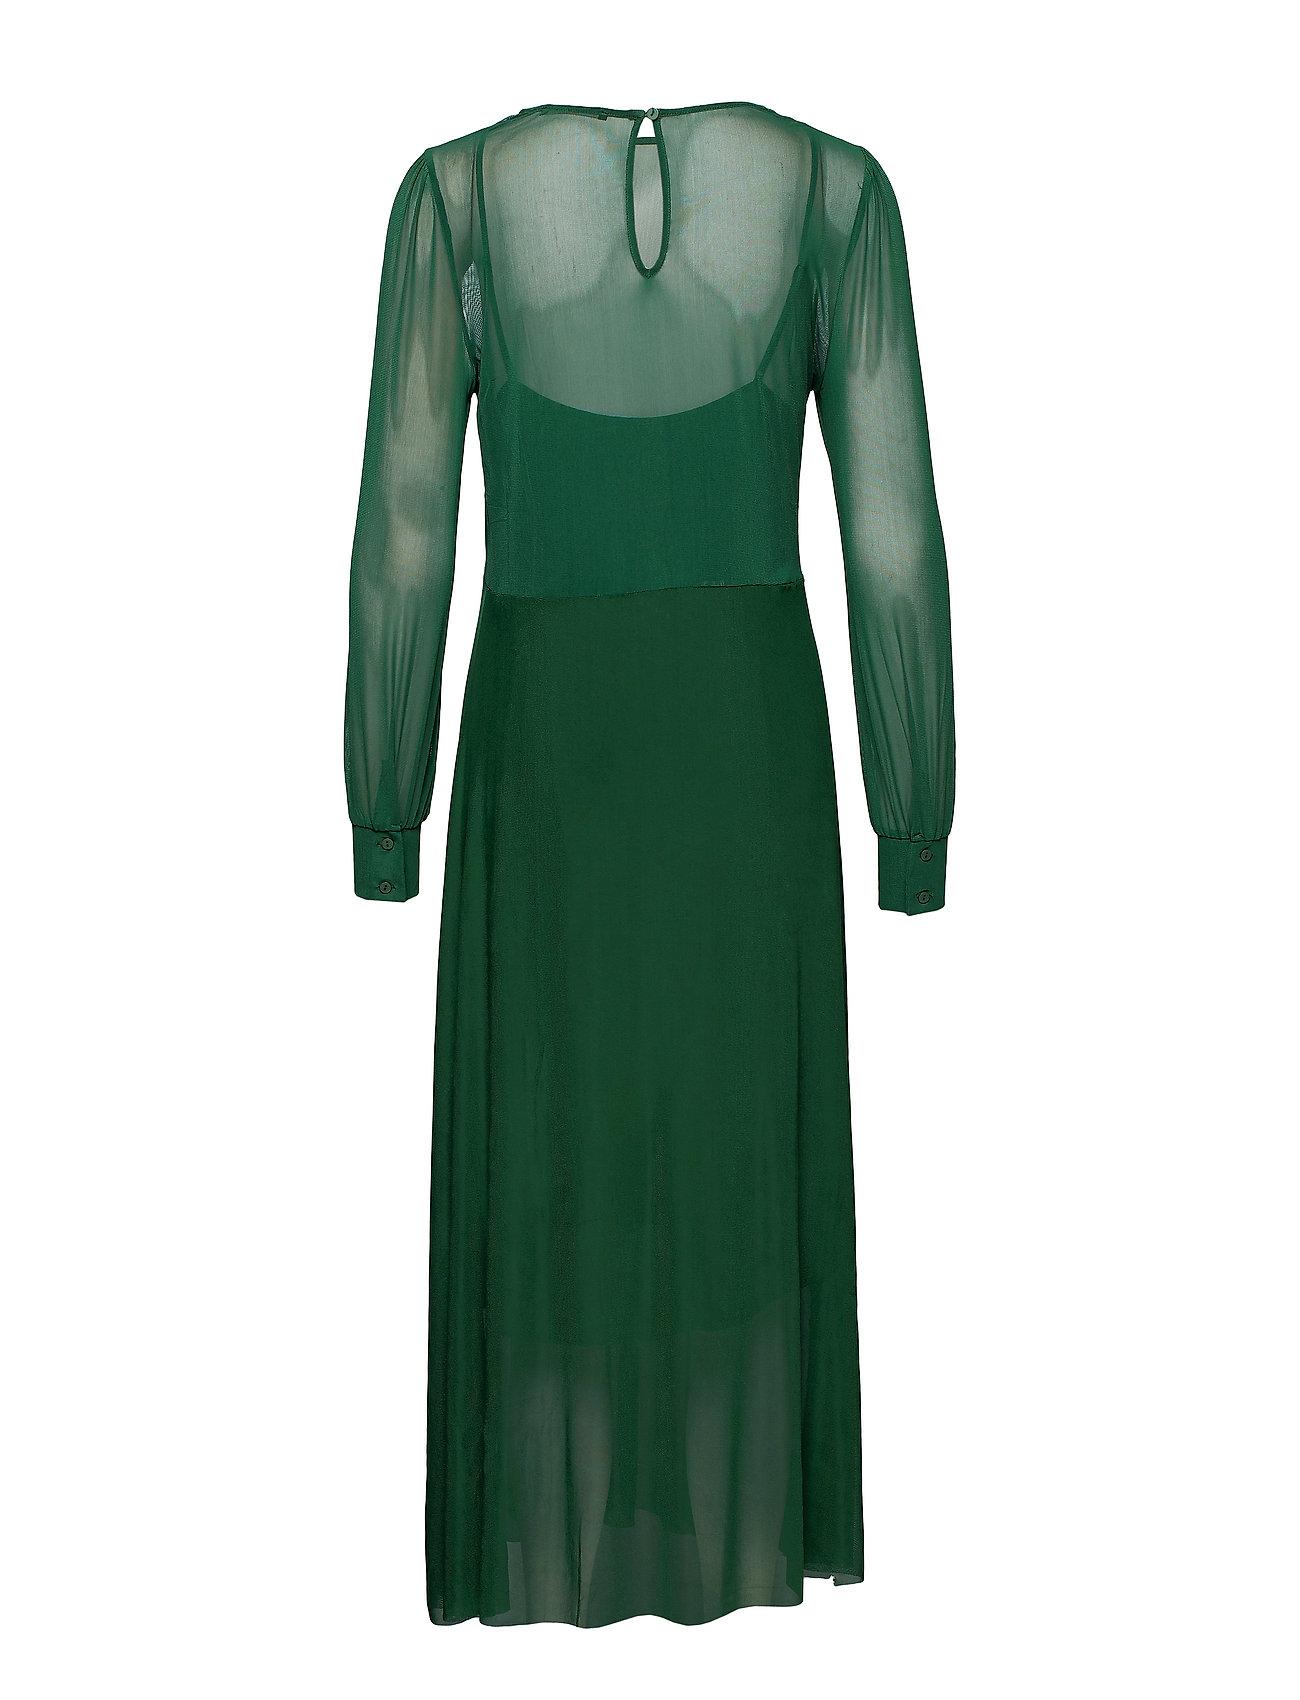 Lucia Thora Dressdark Lucia Thora ForestBruuns Dressdark Bazaar ForestBruuns Lucia Bazaar Thora rCtdshxBQo